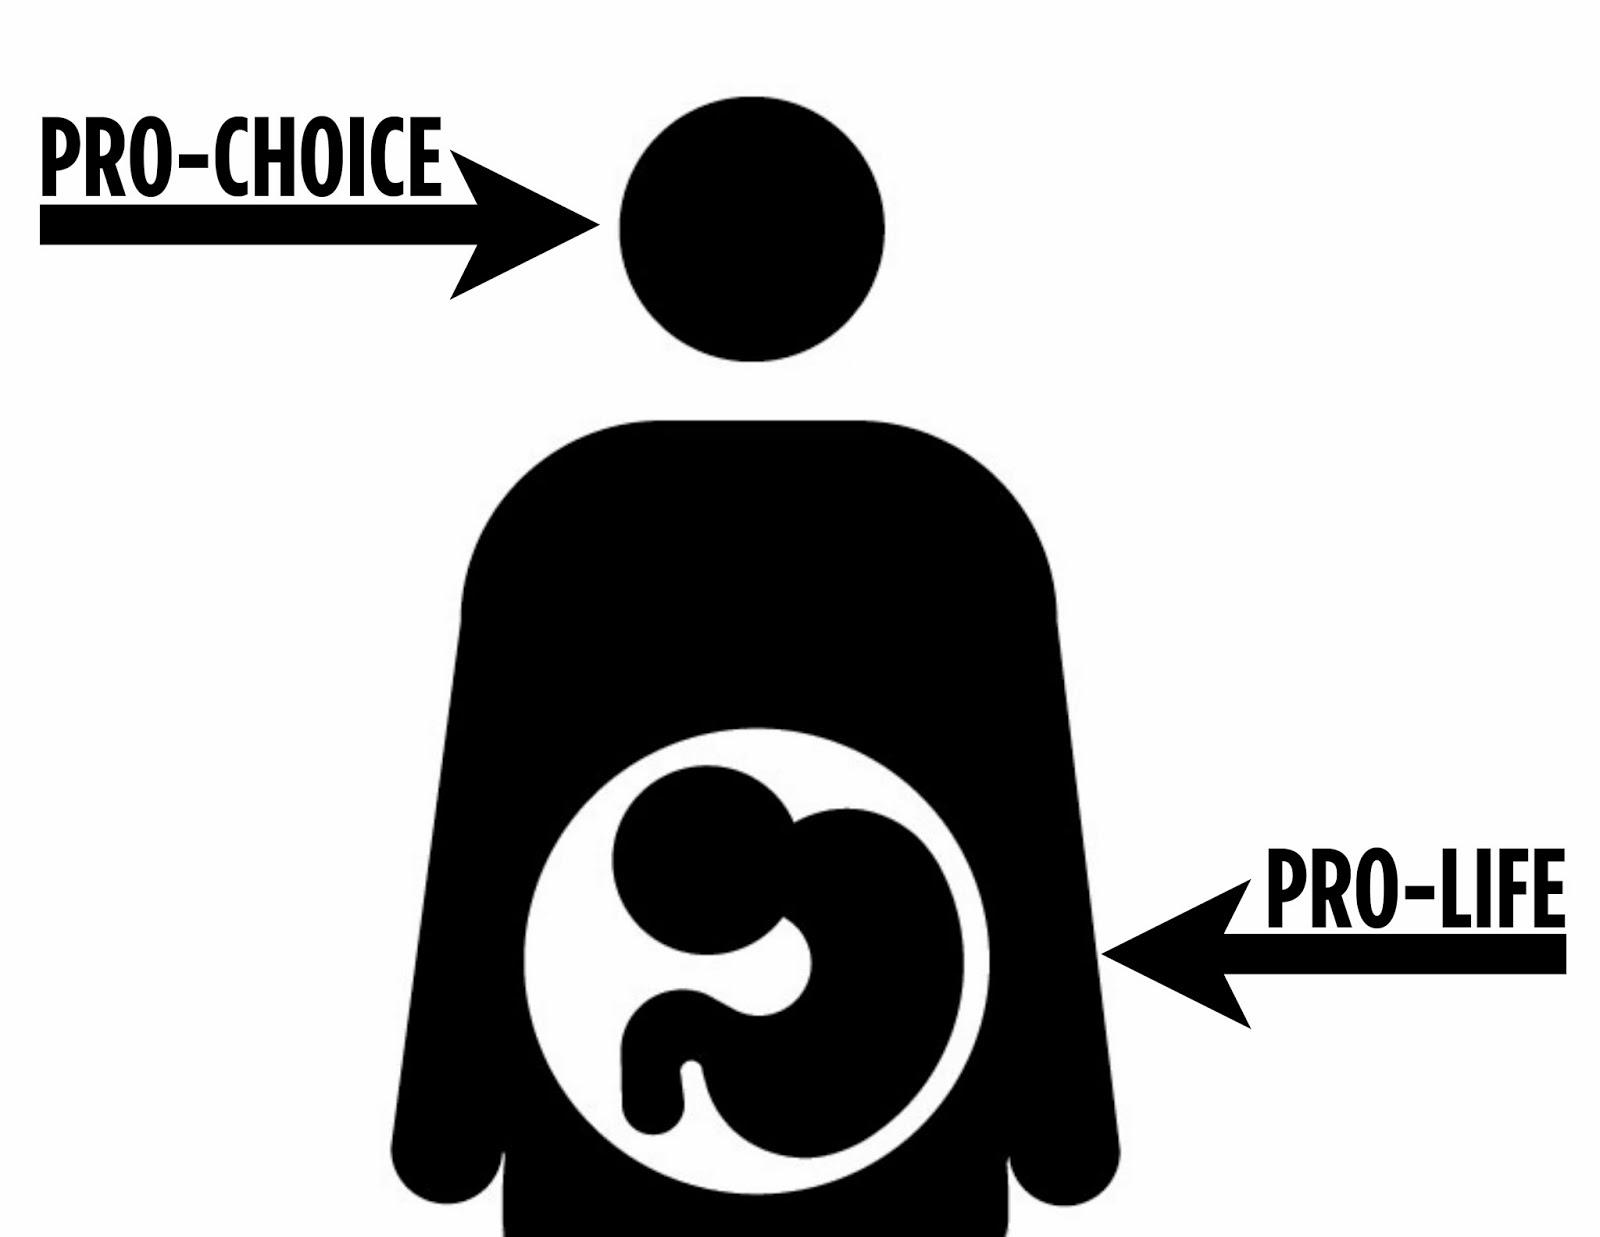 pro life and pro choice essay 91 121 113 106 pro life and pro choice essay